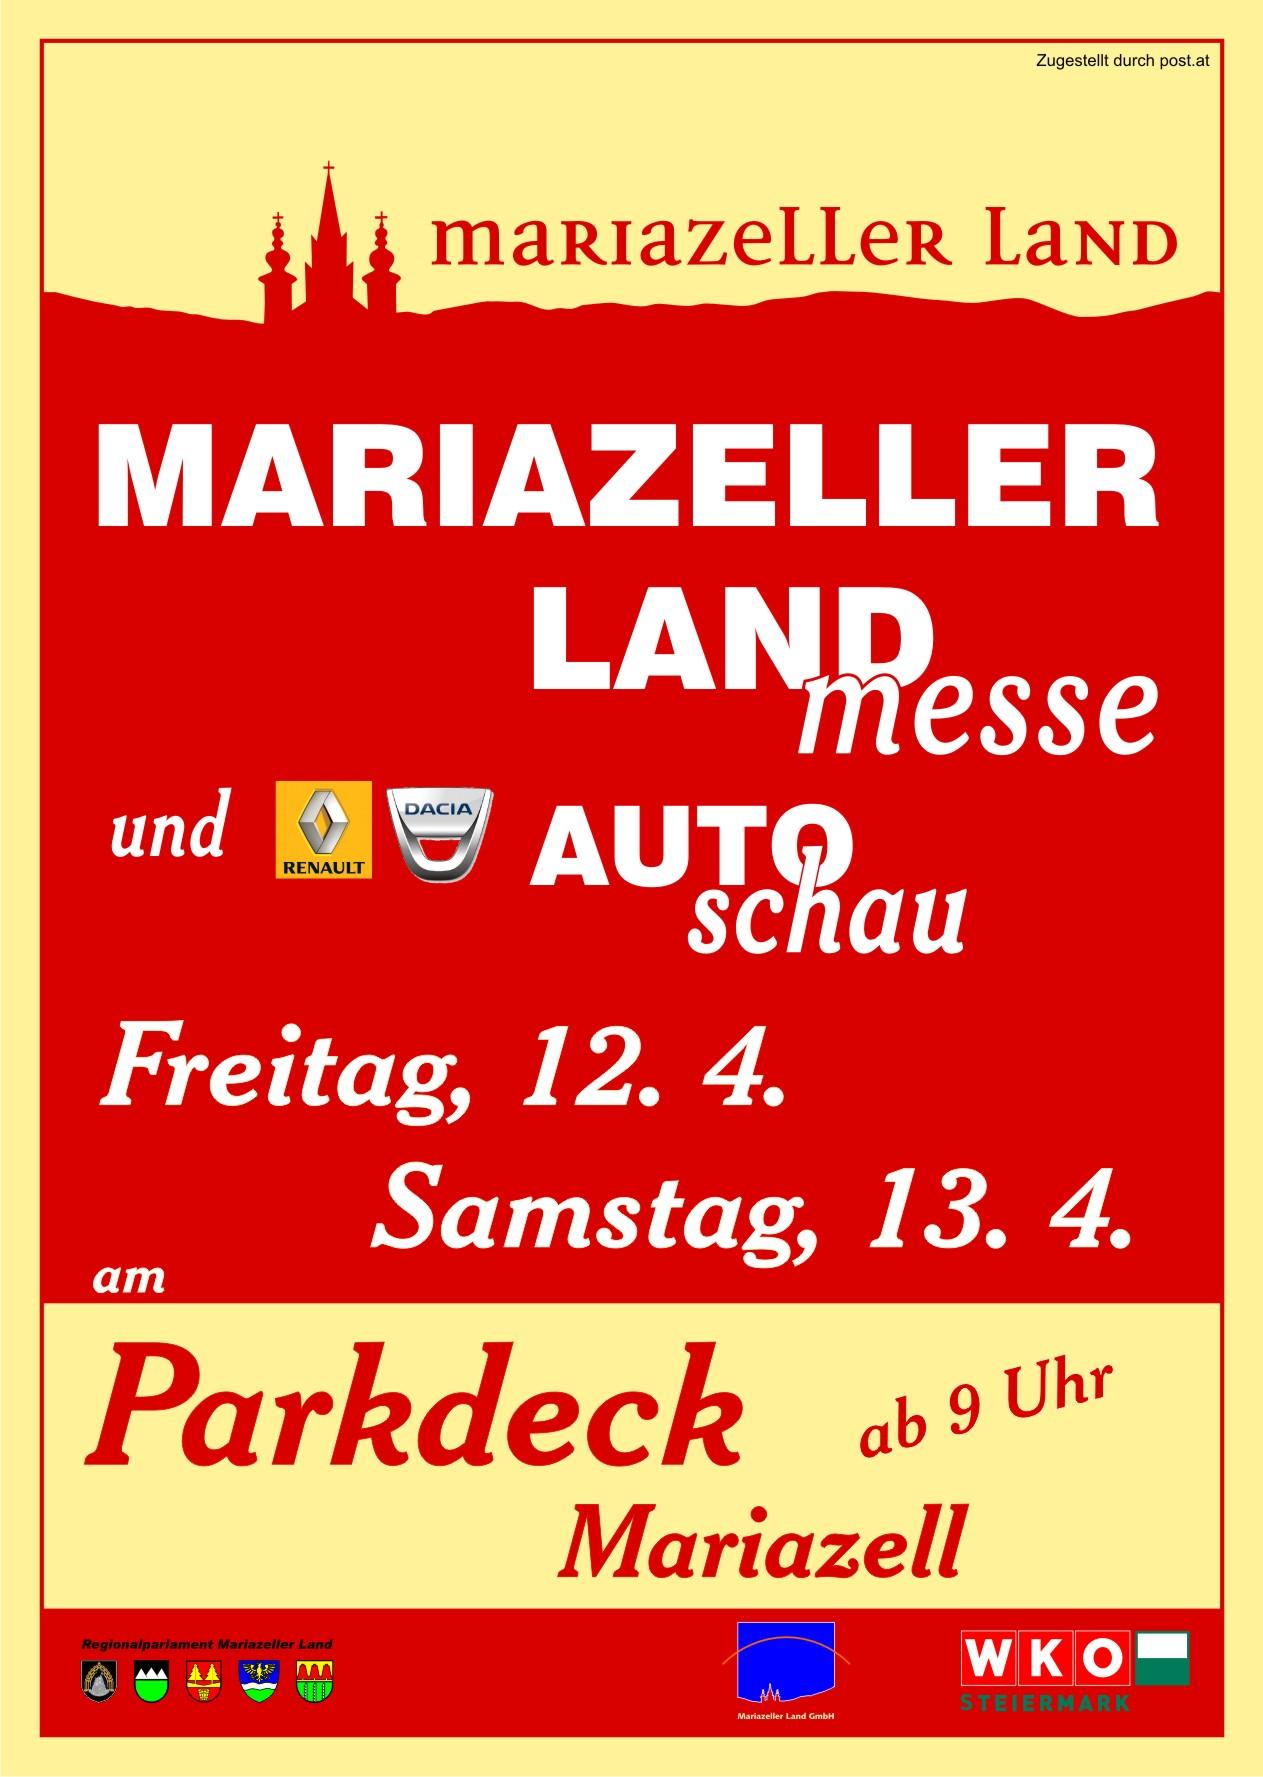 Mariazellerland Messe 2013